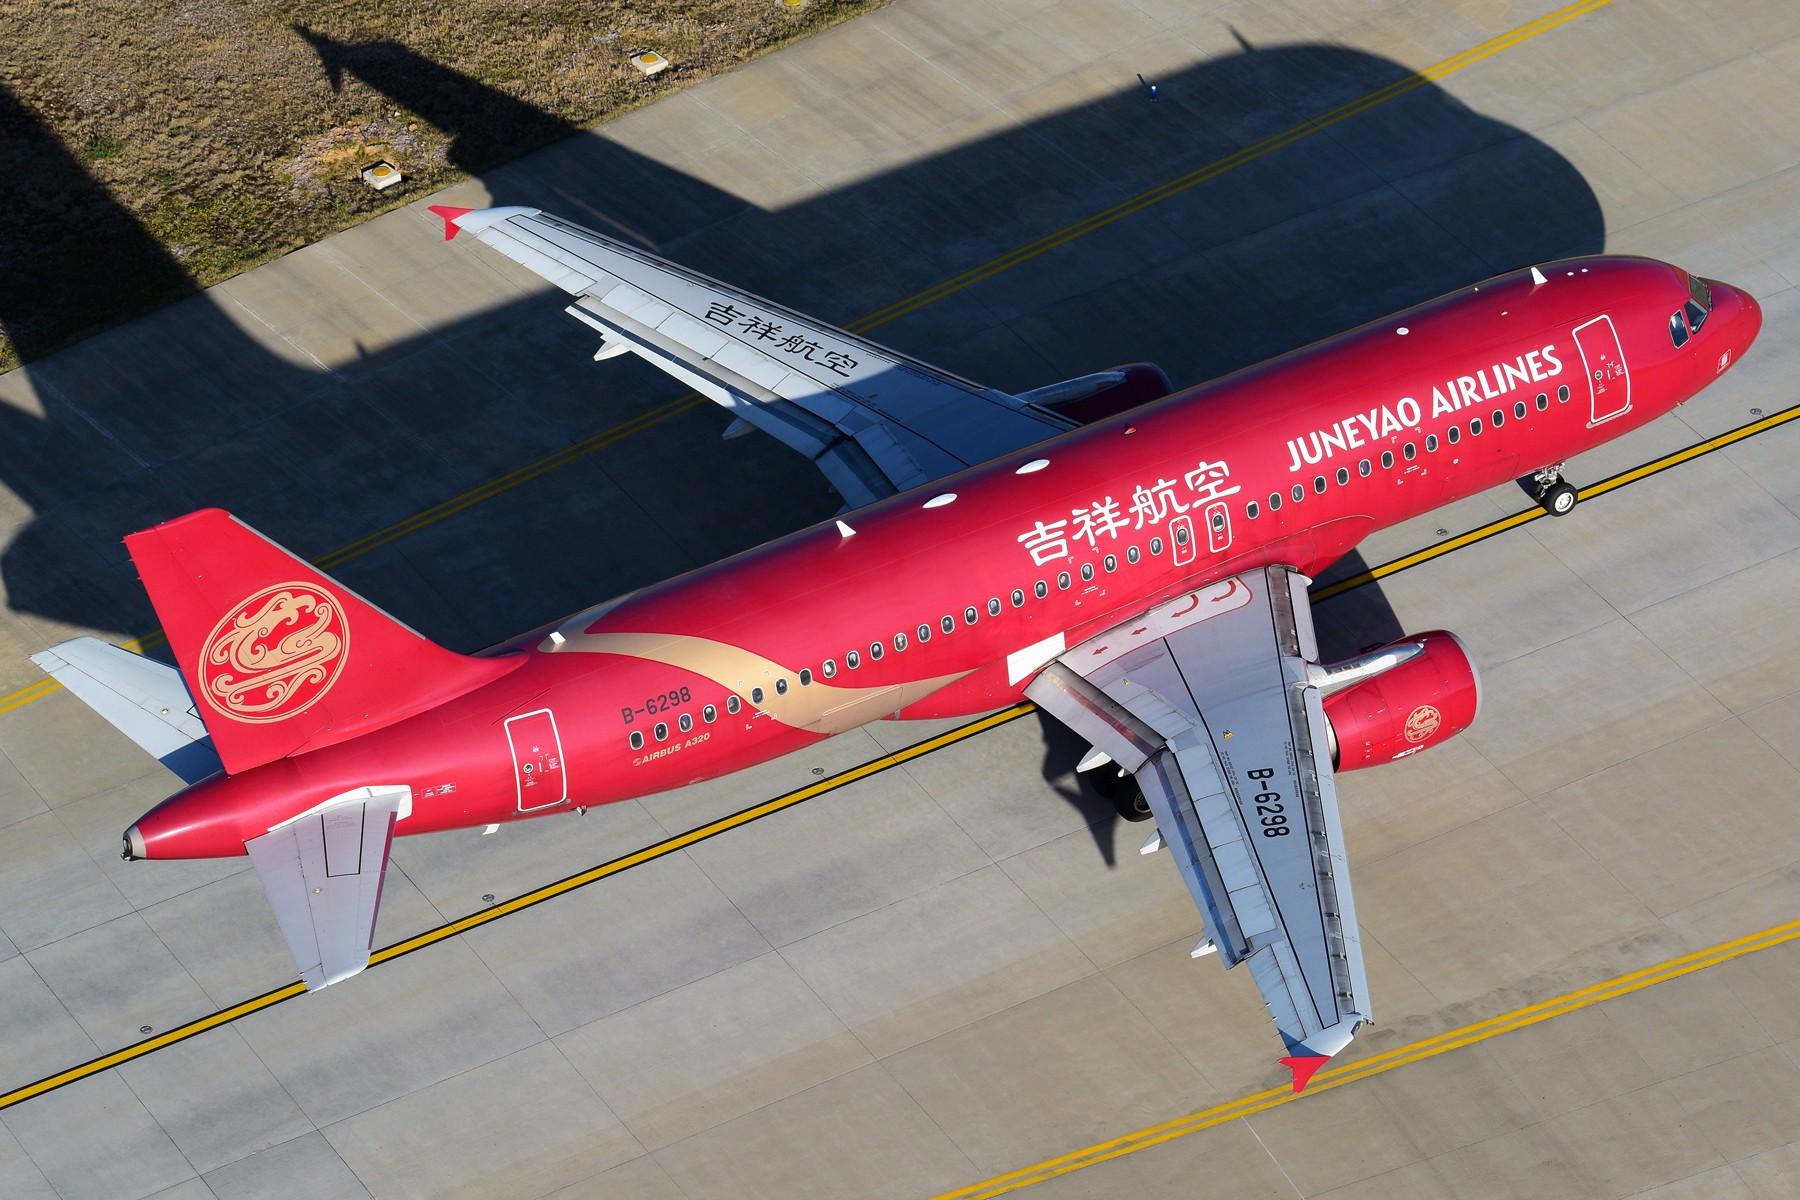 Re:[原创][吉祥航空年度摄影大赛] 吉祥航空------高原上的飒爽英姿 AIRBUS A320-200 B-6298 中国昆明长水国际机场